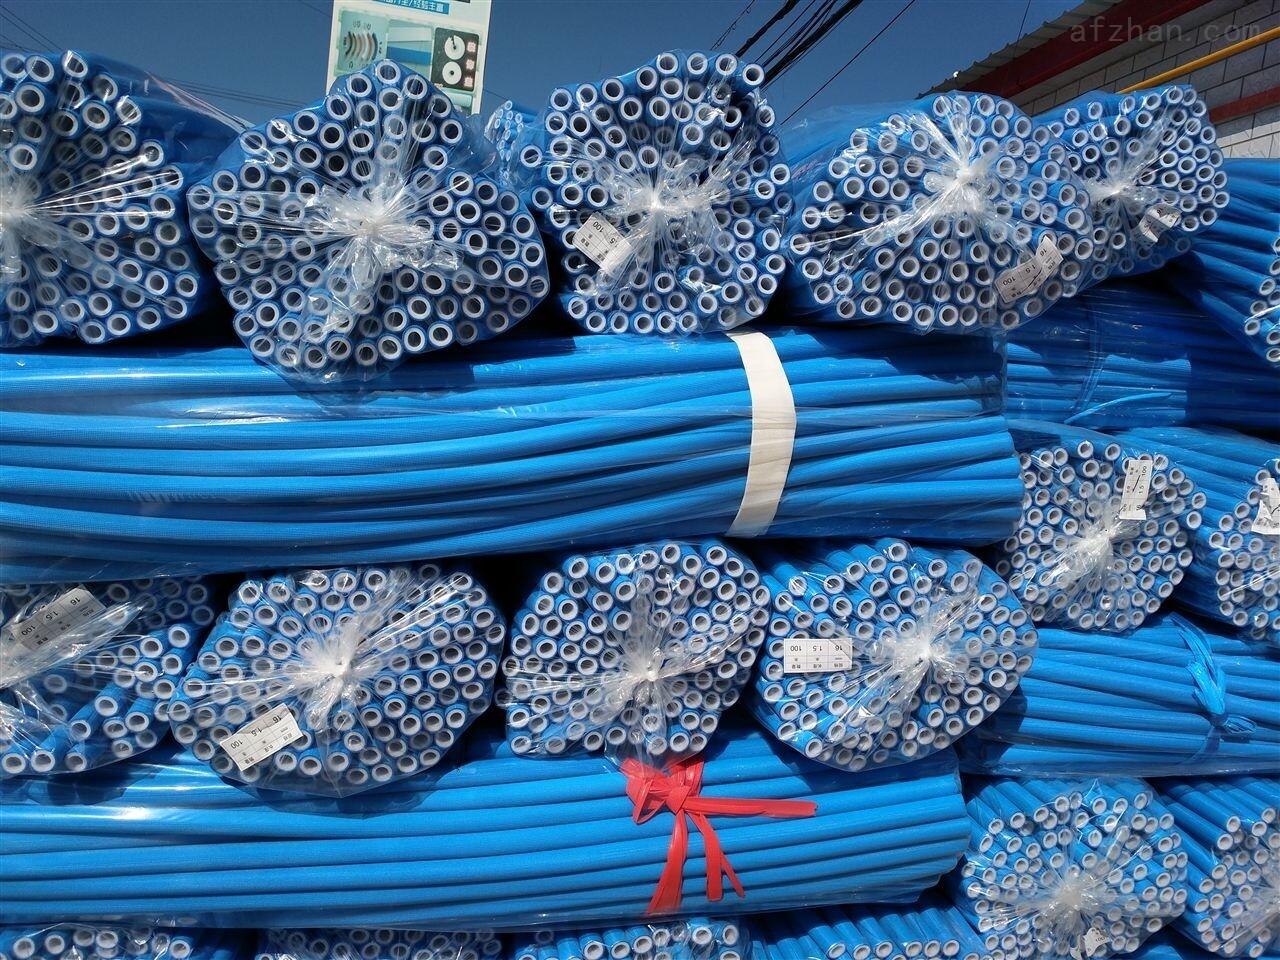 防火阻燃B1级橡塑海绵管近期价格